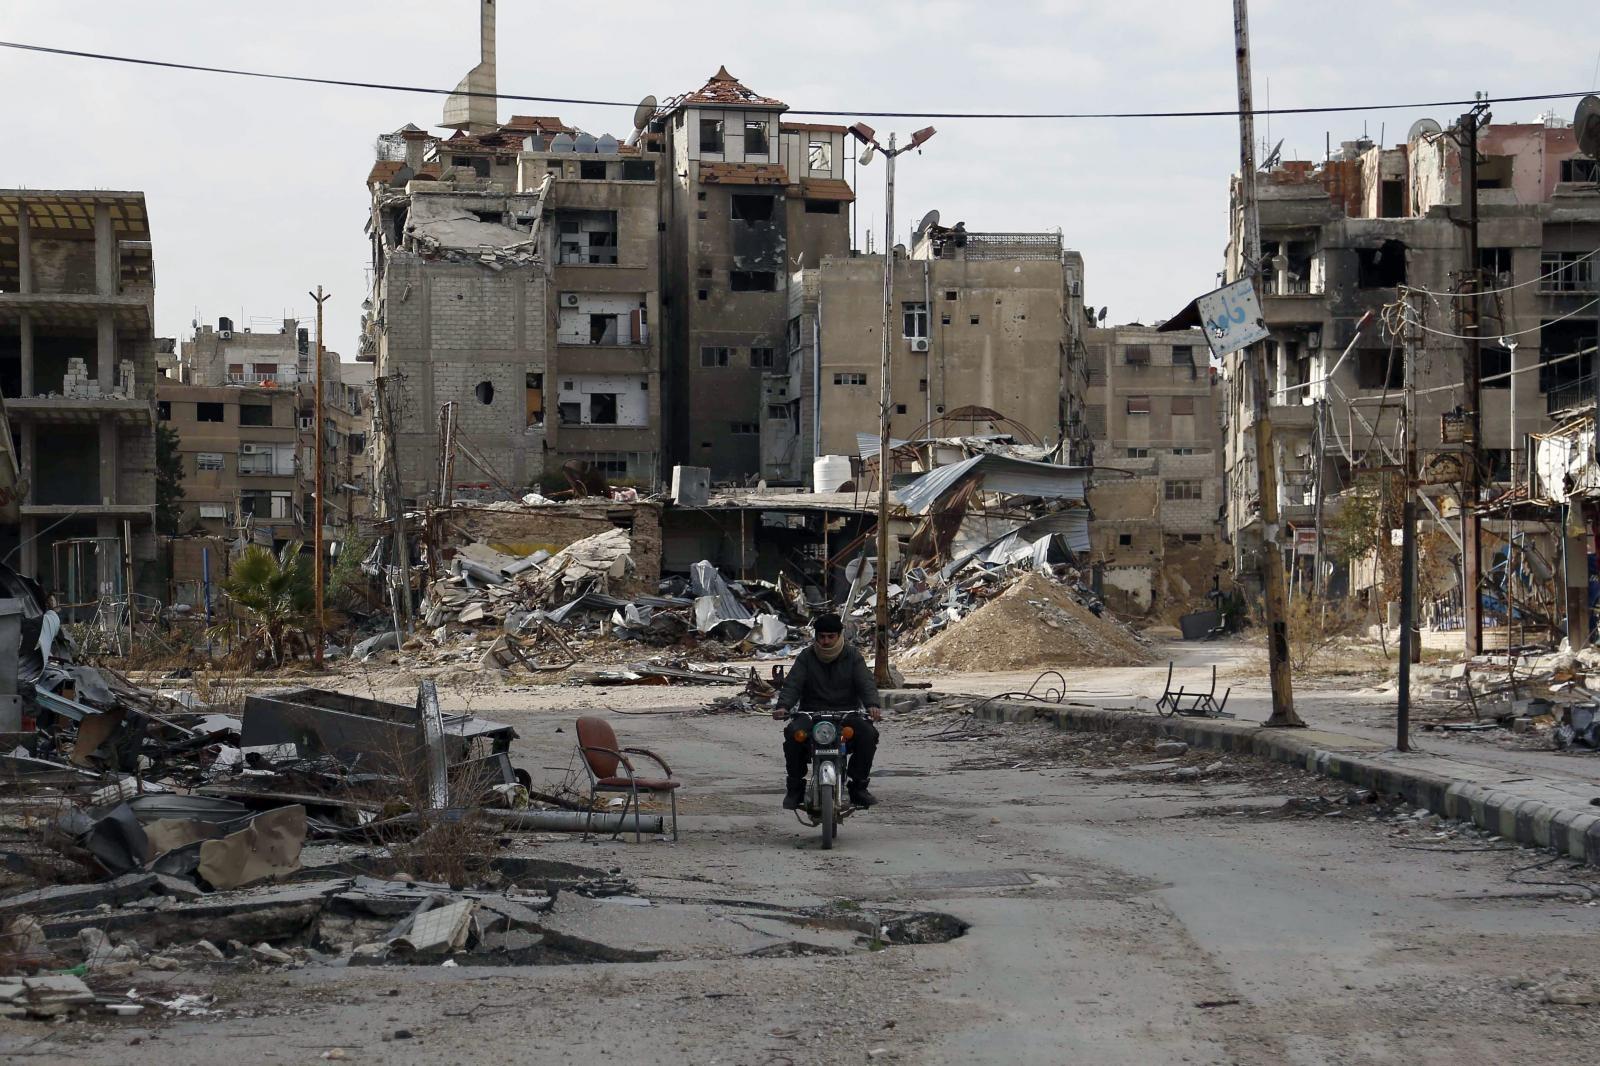 ตุรกี...ซีเรีย และเพื่อนมนุษย์